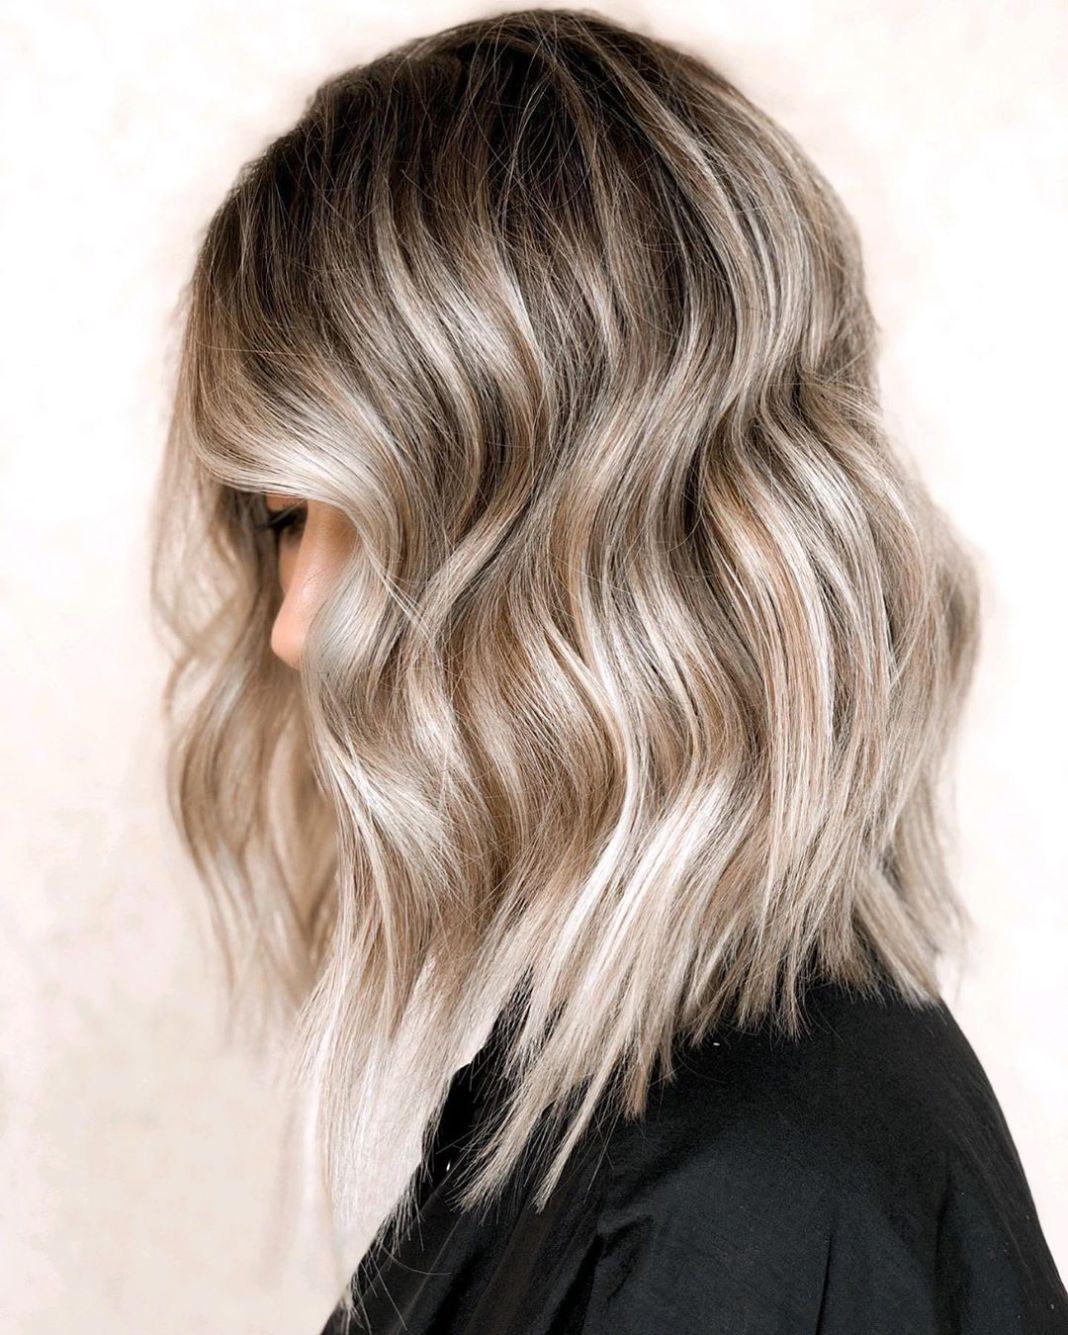 30 meilleures idées de balayage blond pour chaque couleur, longueur et texture de cheveux